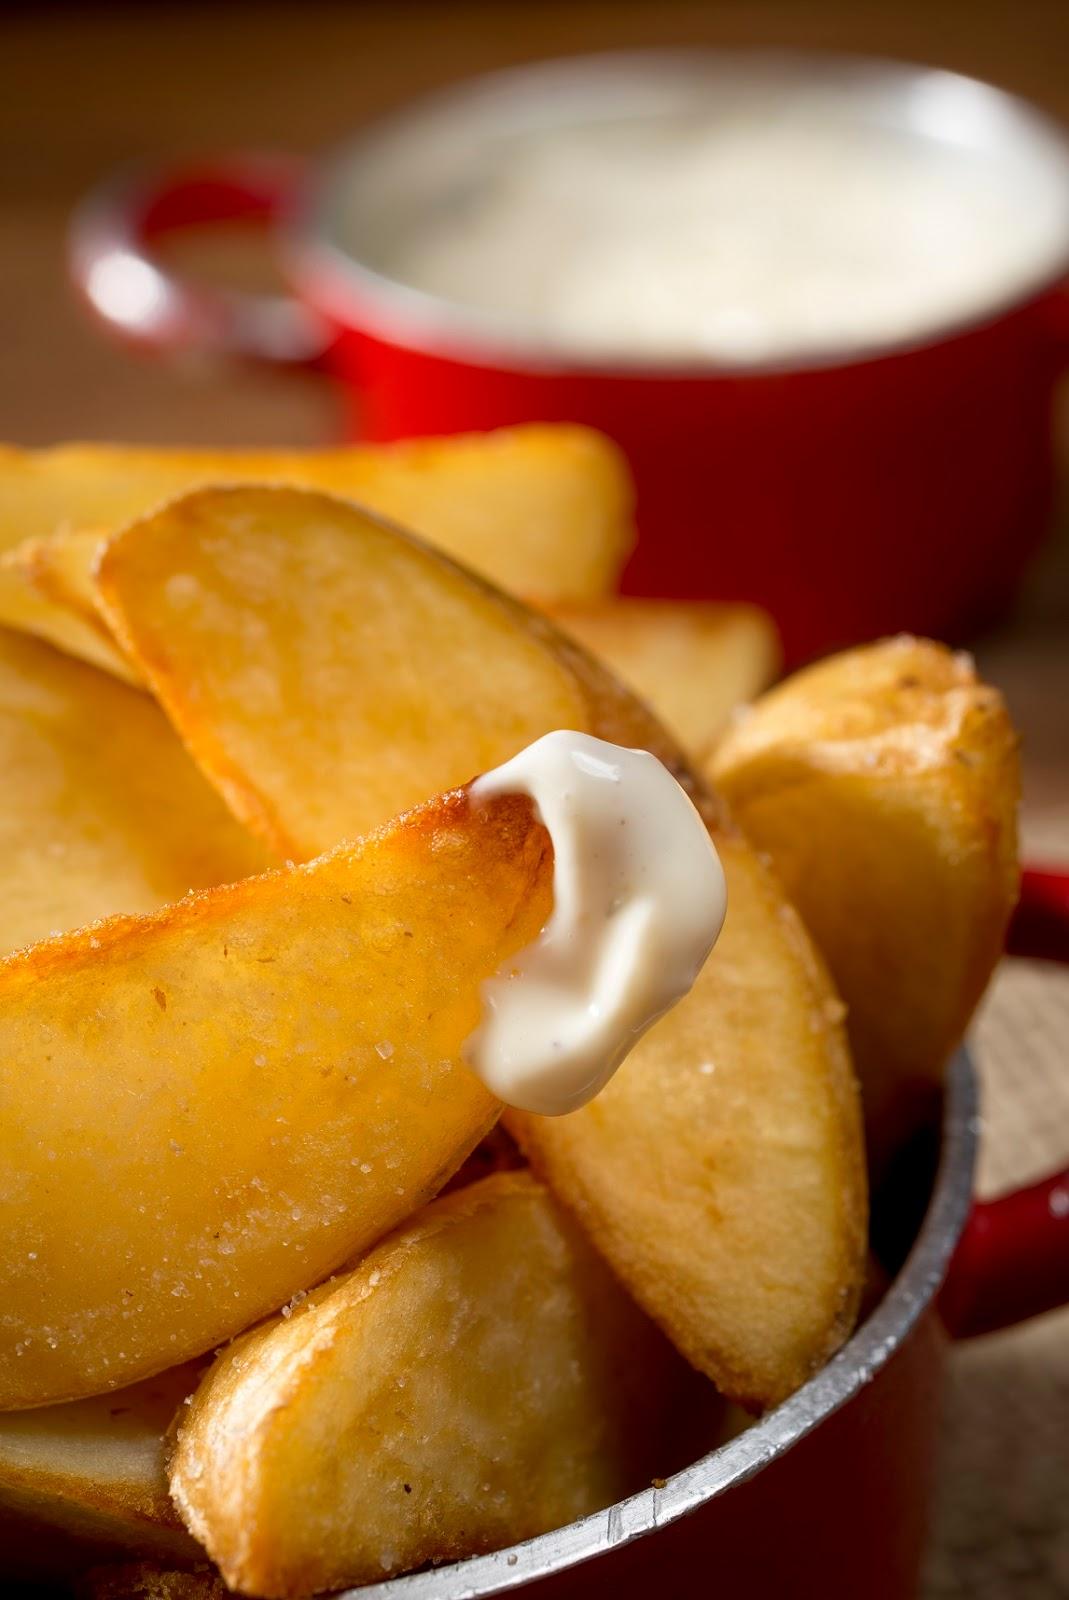 Dicas gastronômicas que vão da sexta-feira santa até domingo de Páscoa